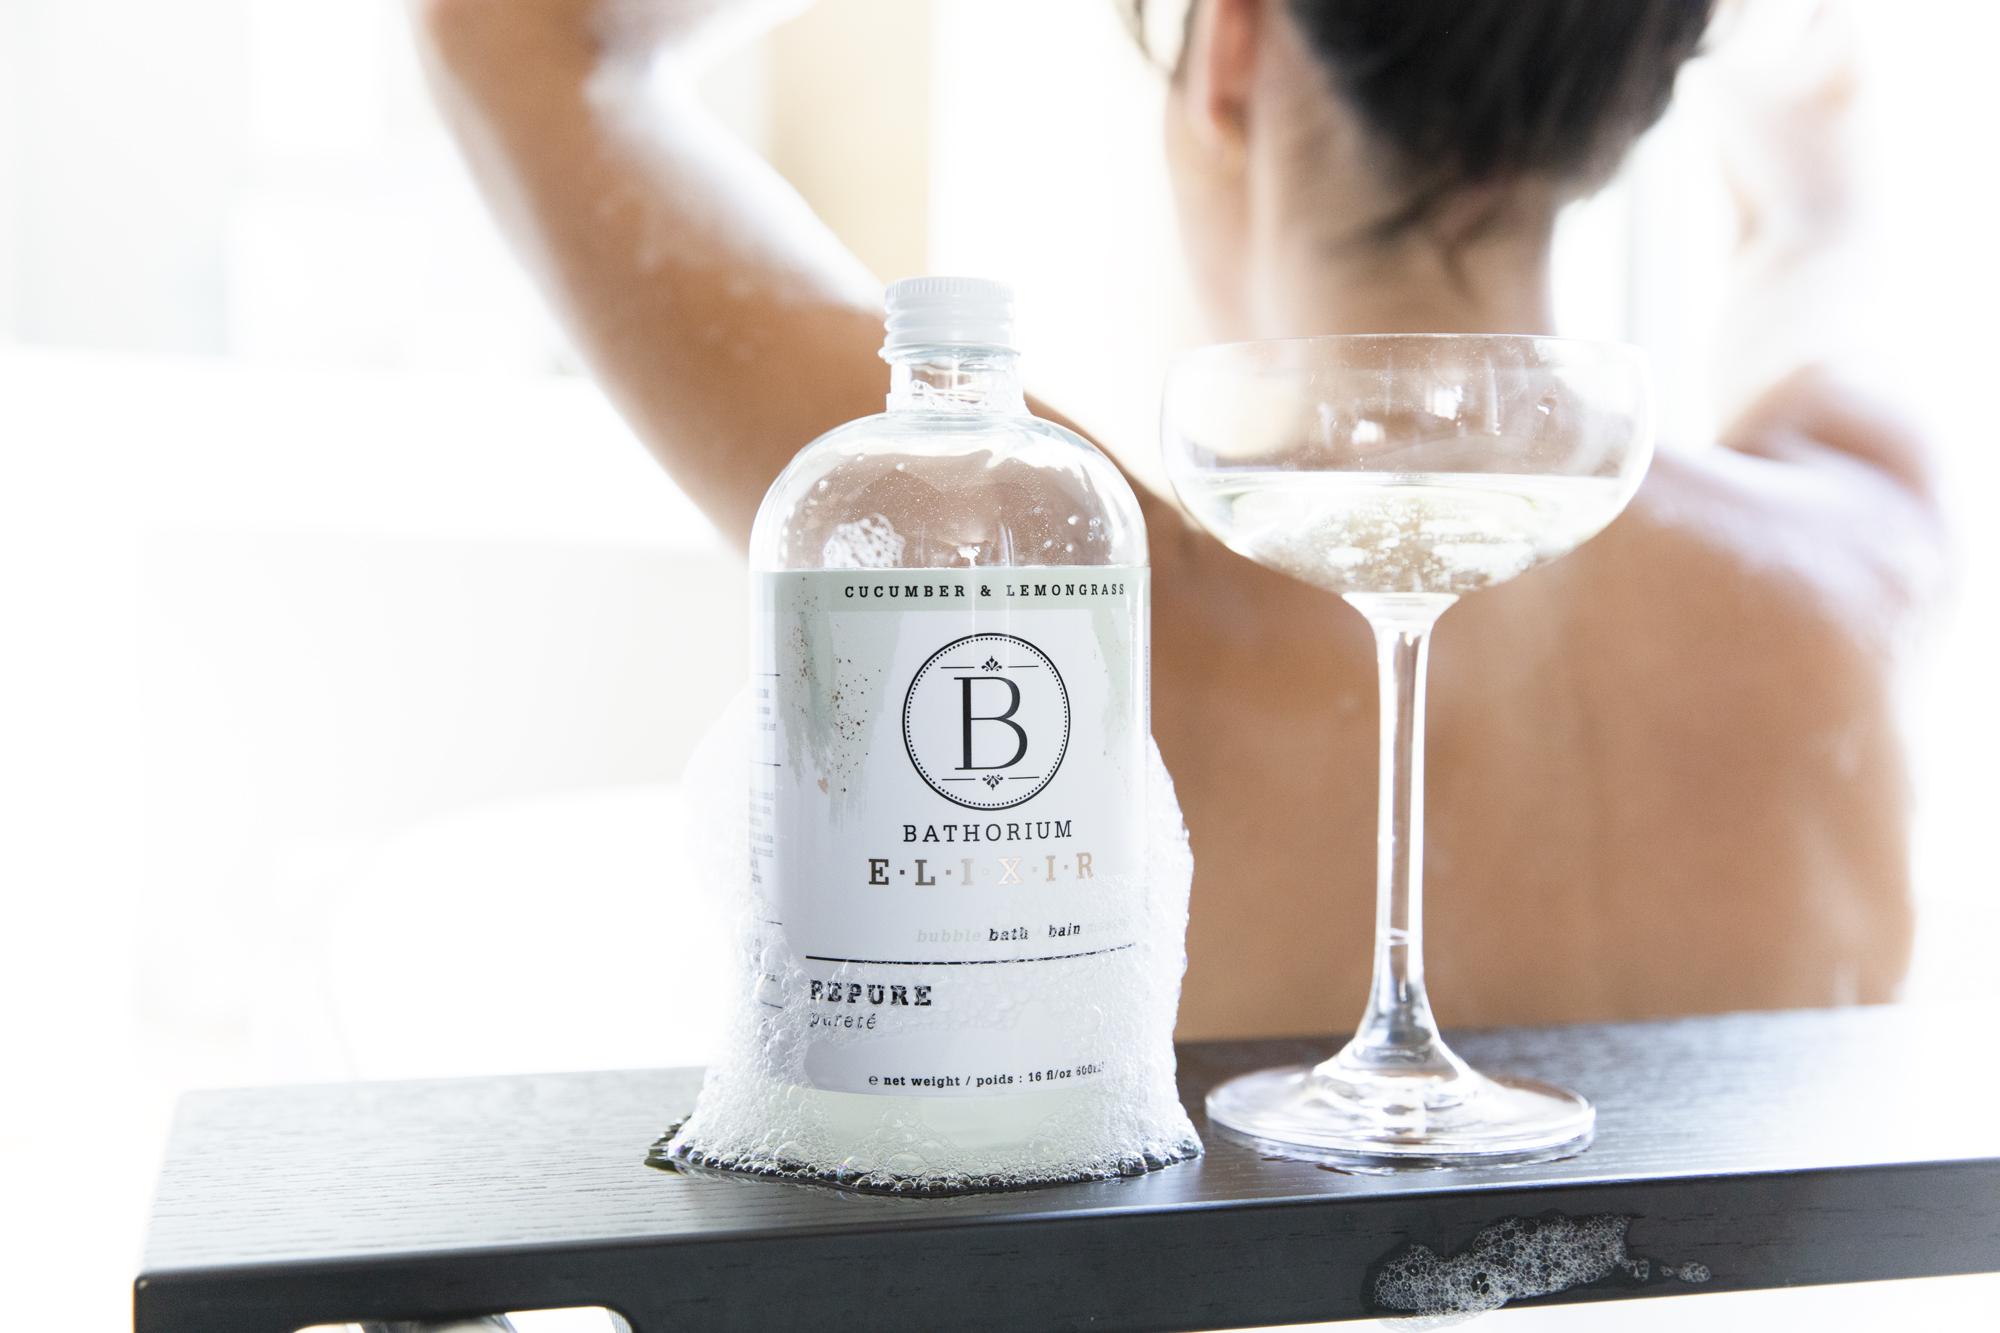 Bathorium BePure and glass of wine